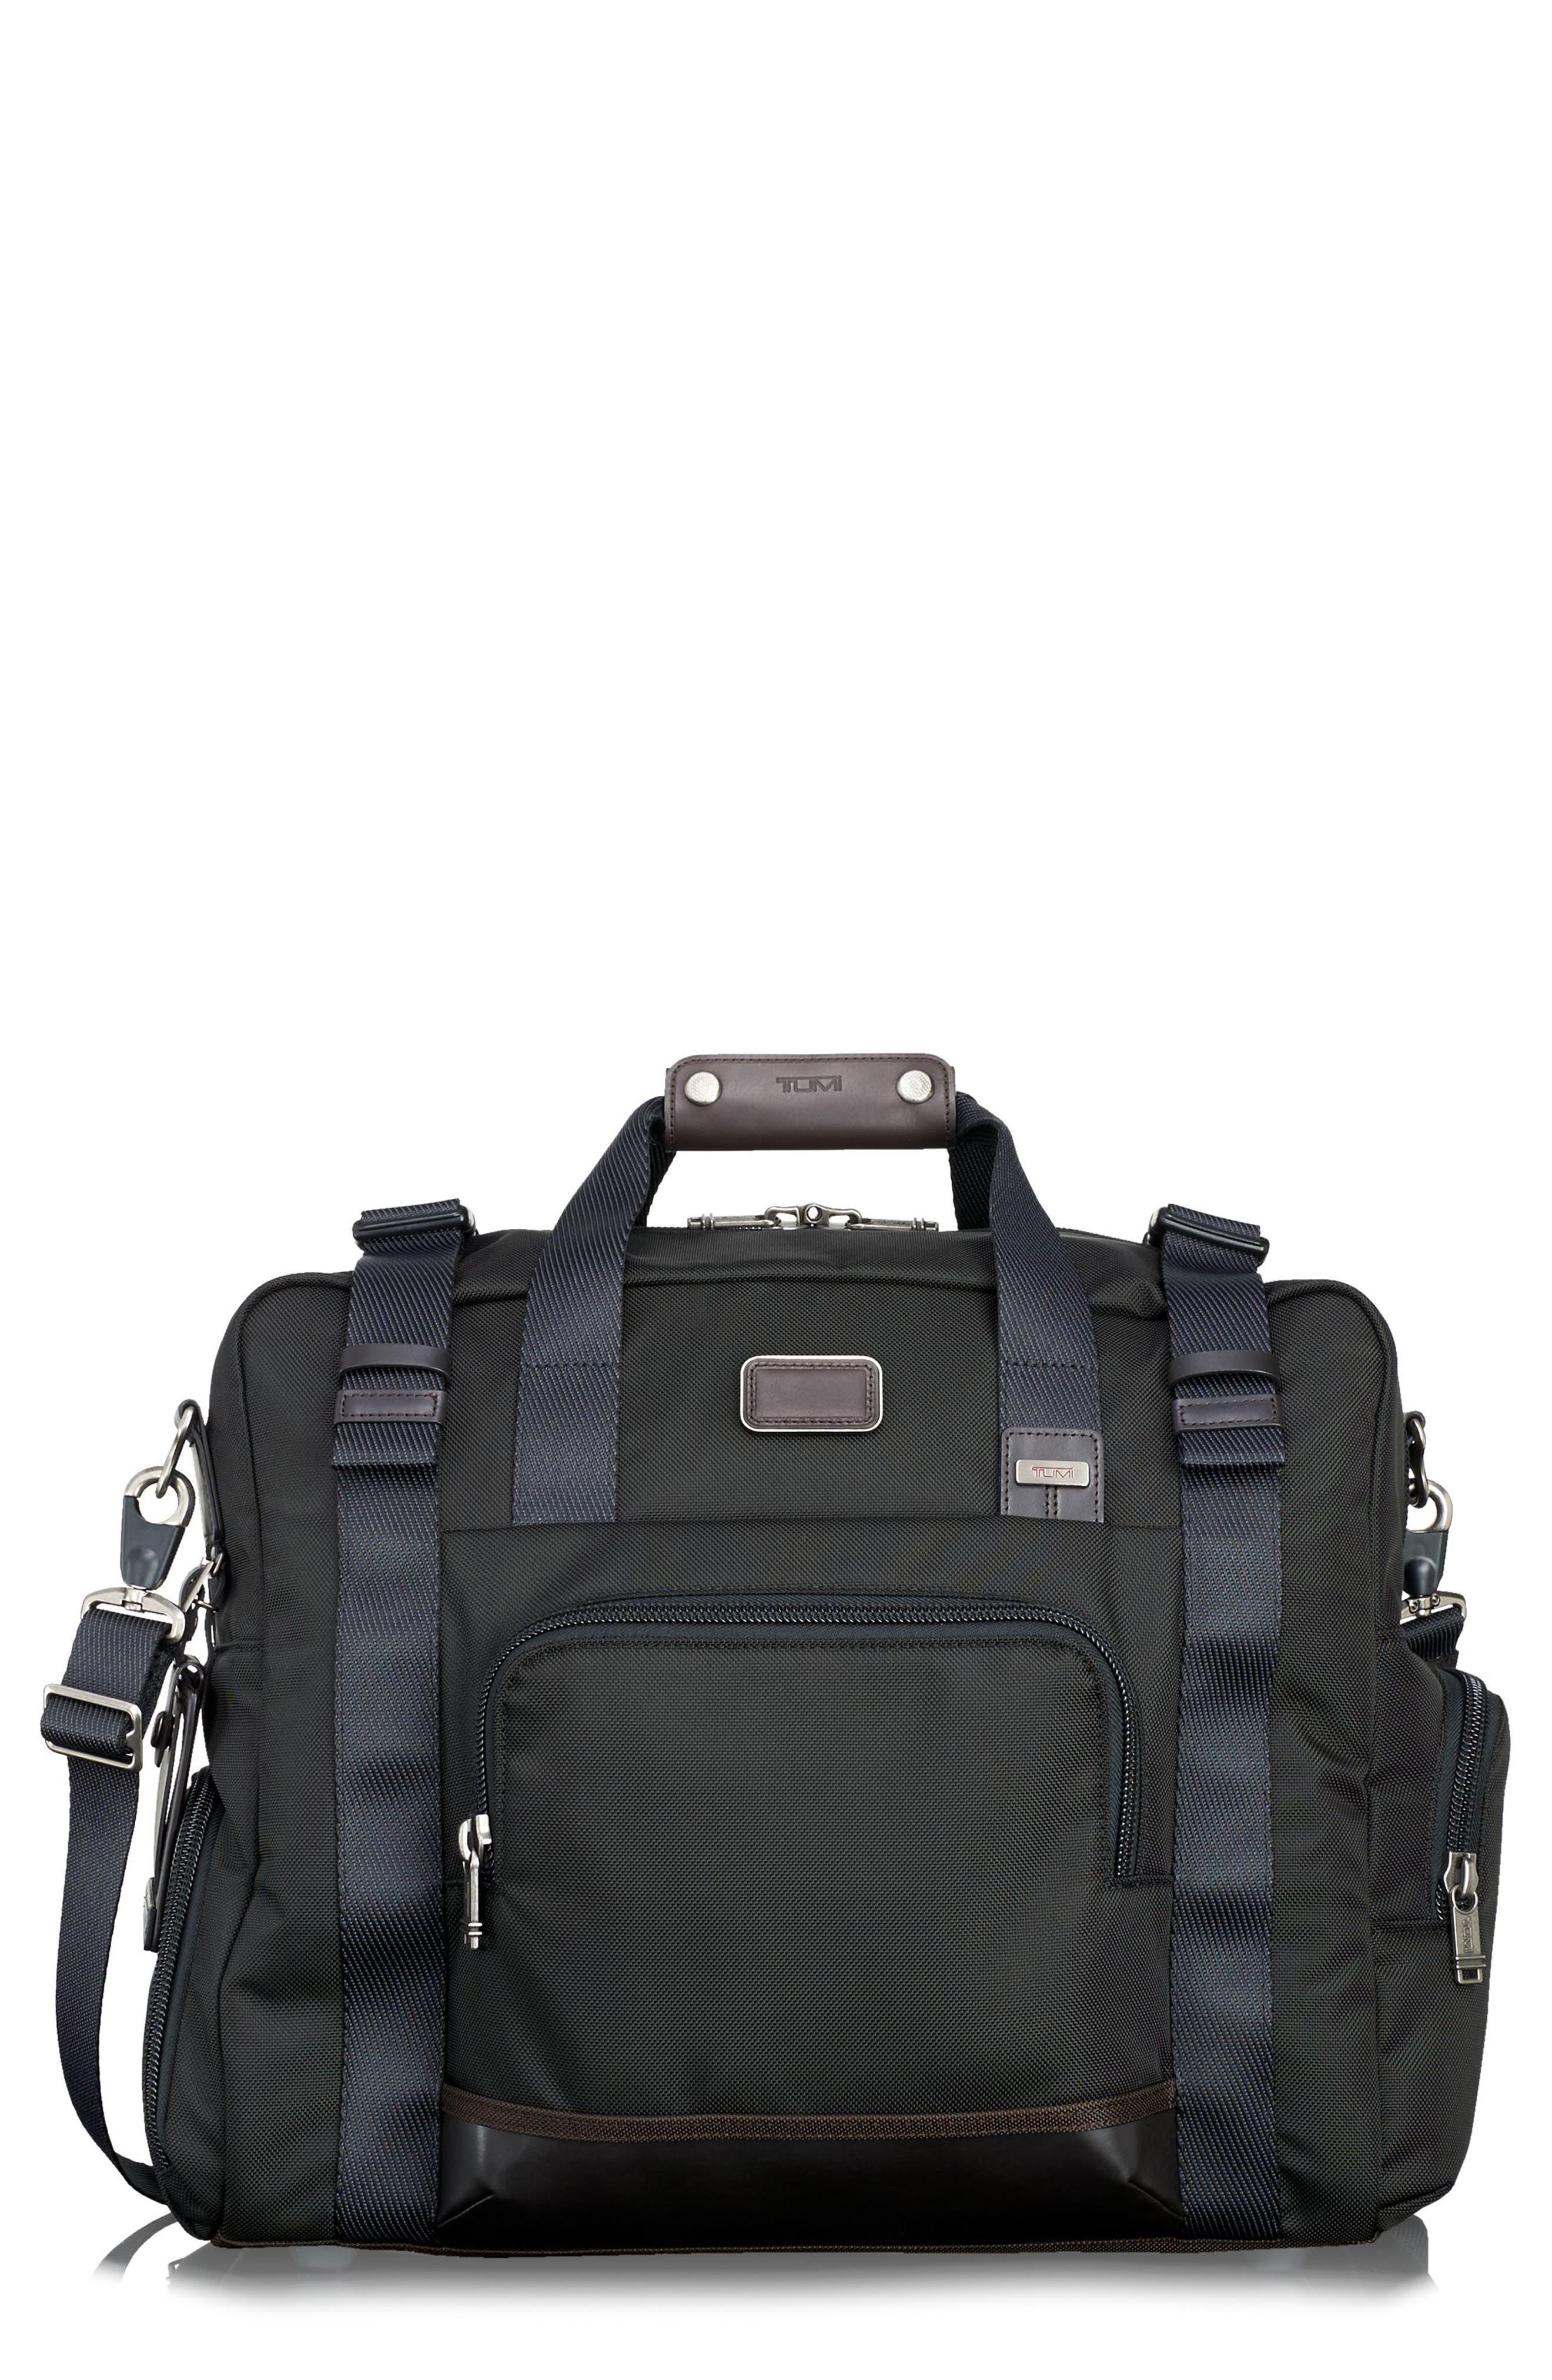 Tumi Alpha Bravo Buckner Duffel Bag